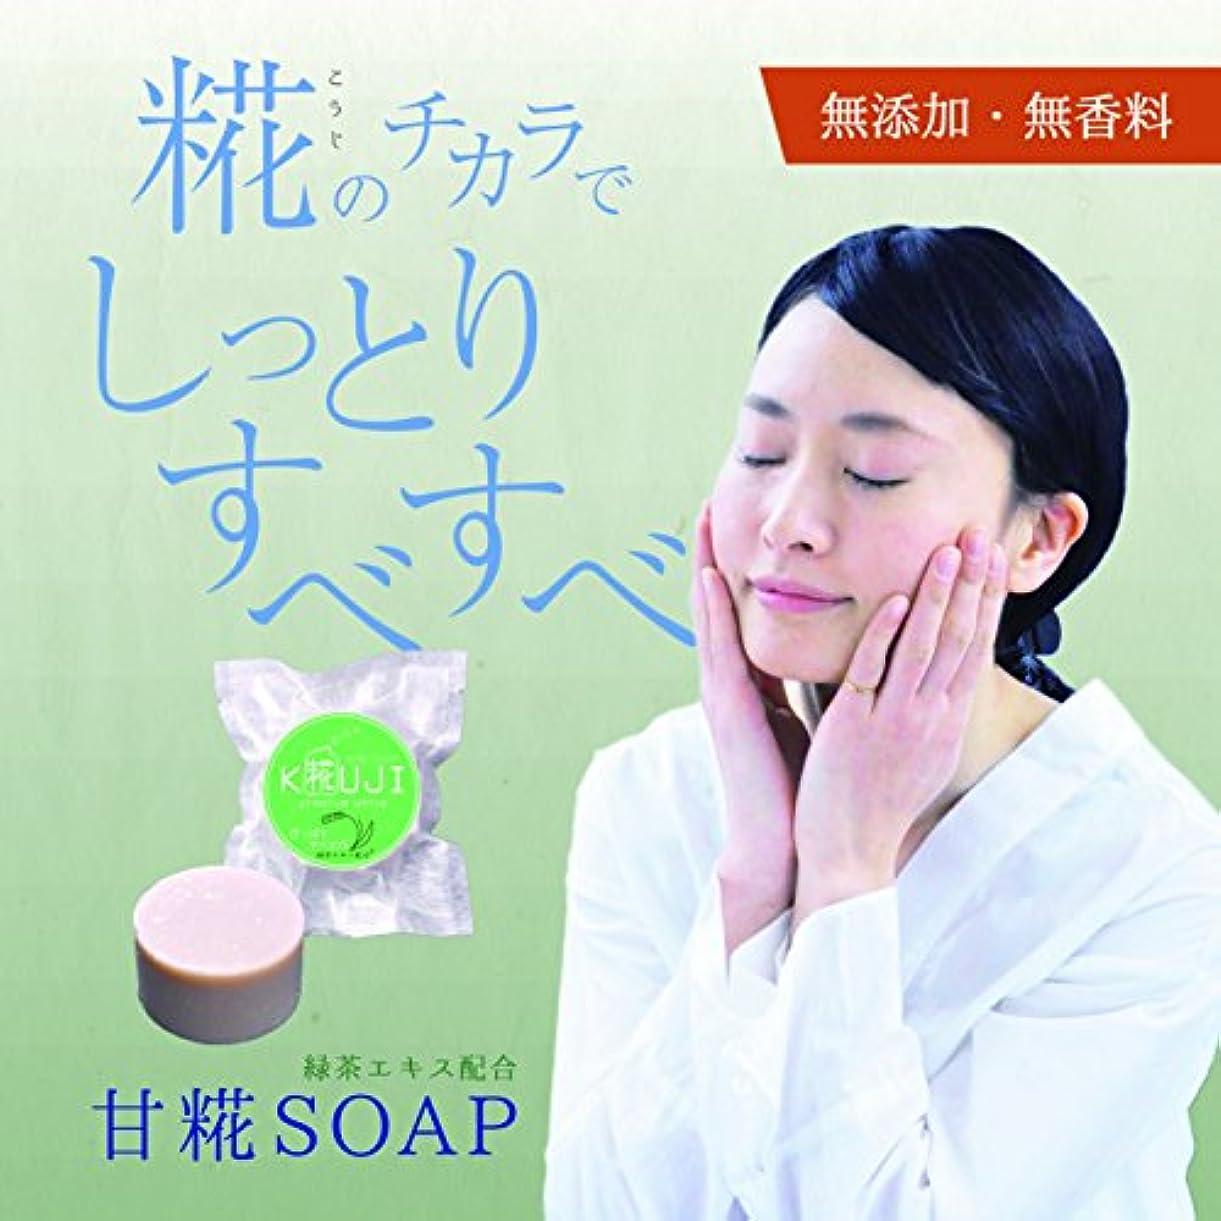 甘糀SOAP(プレミアムホワイト)